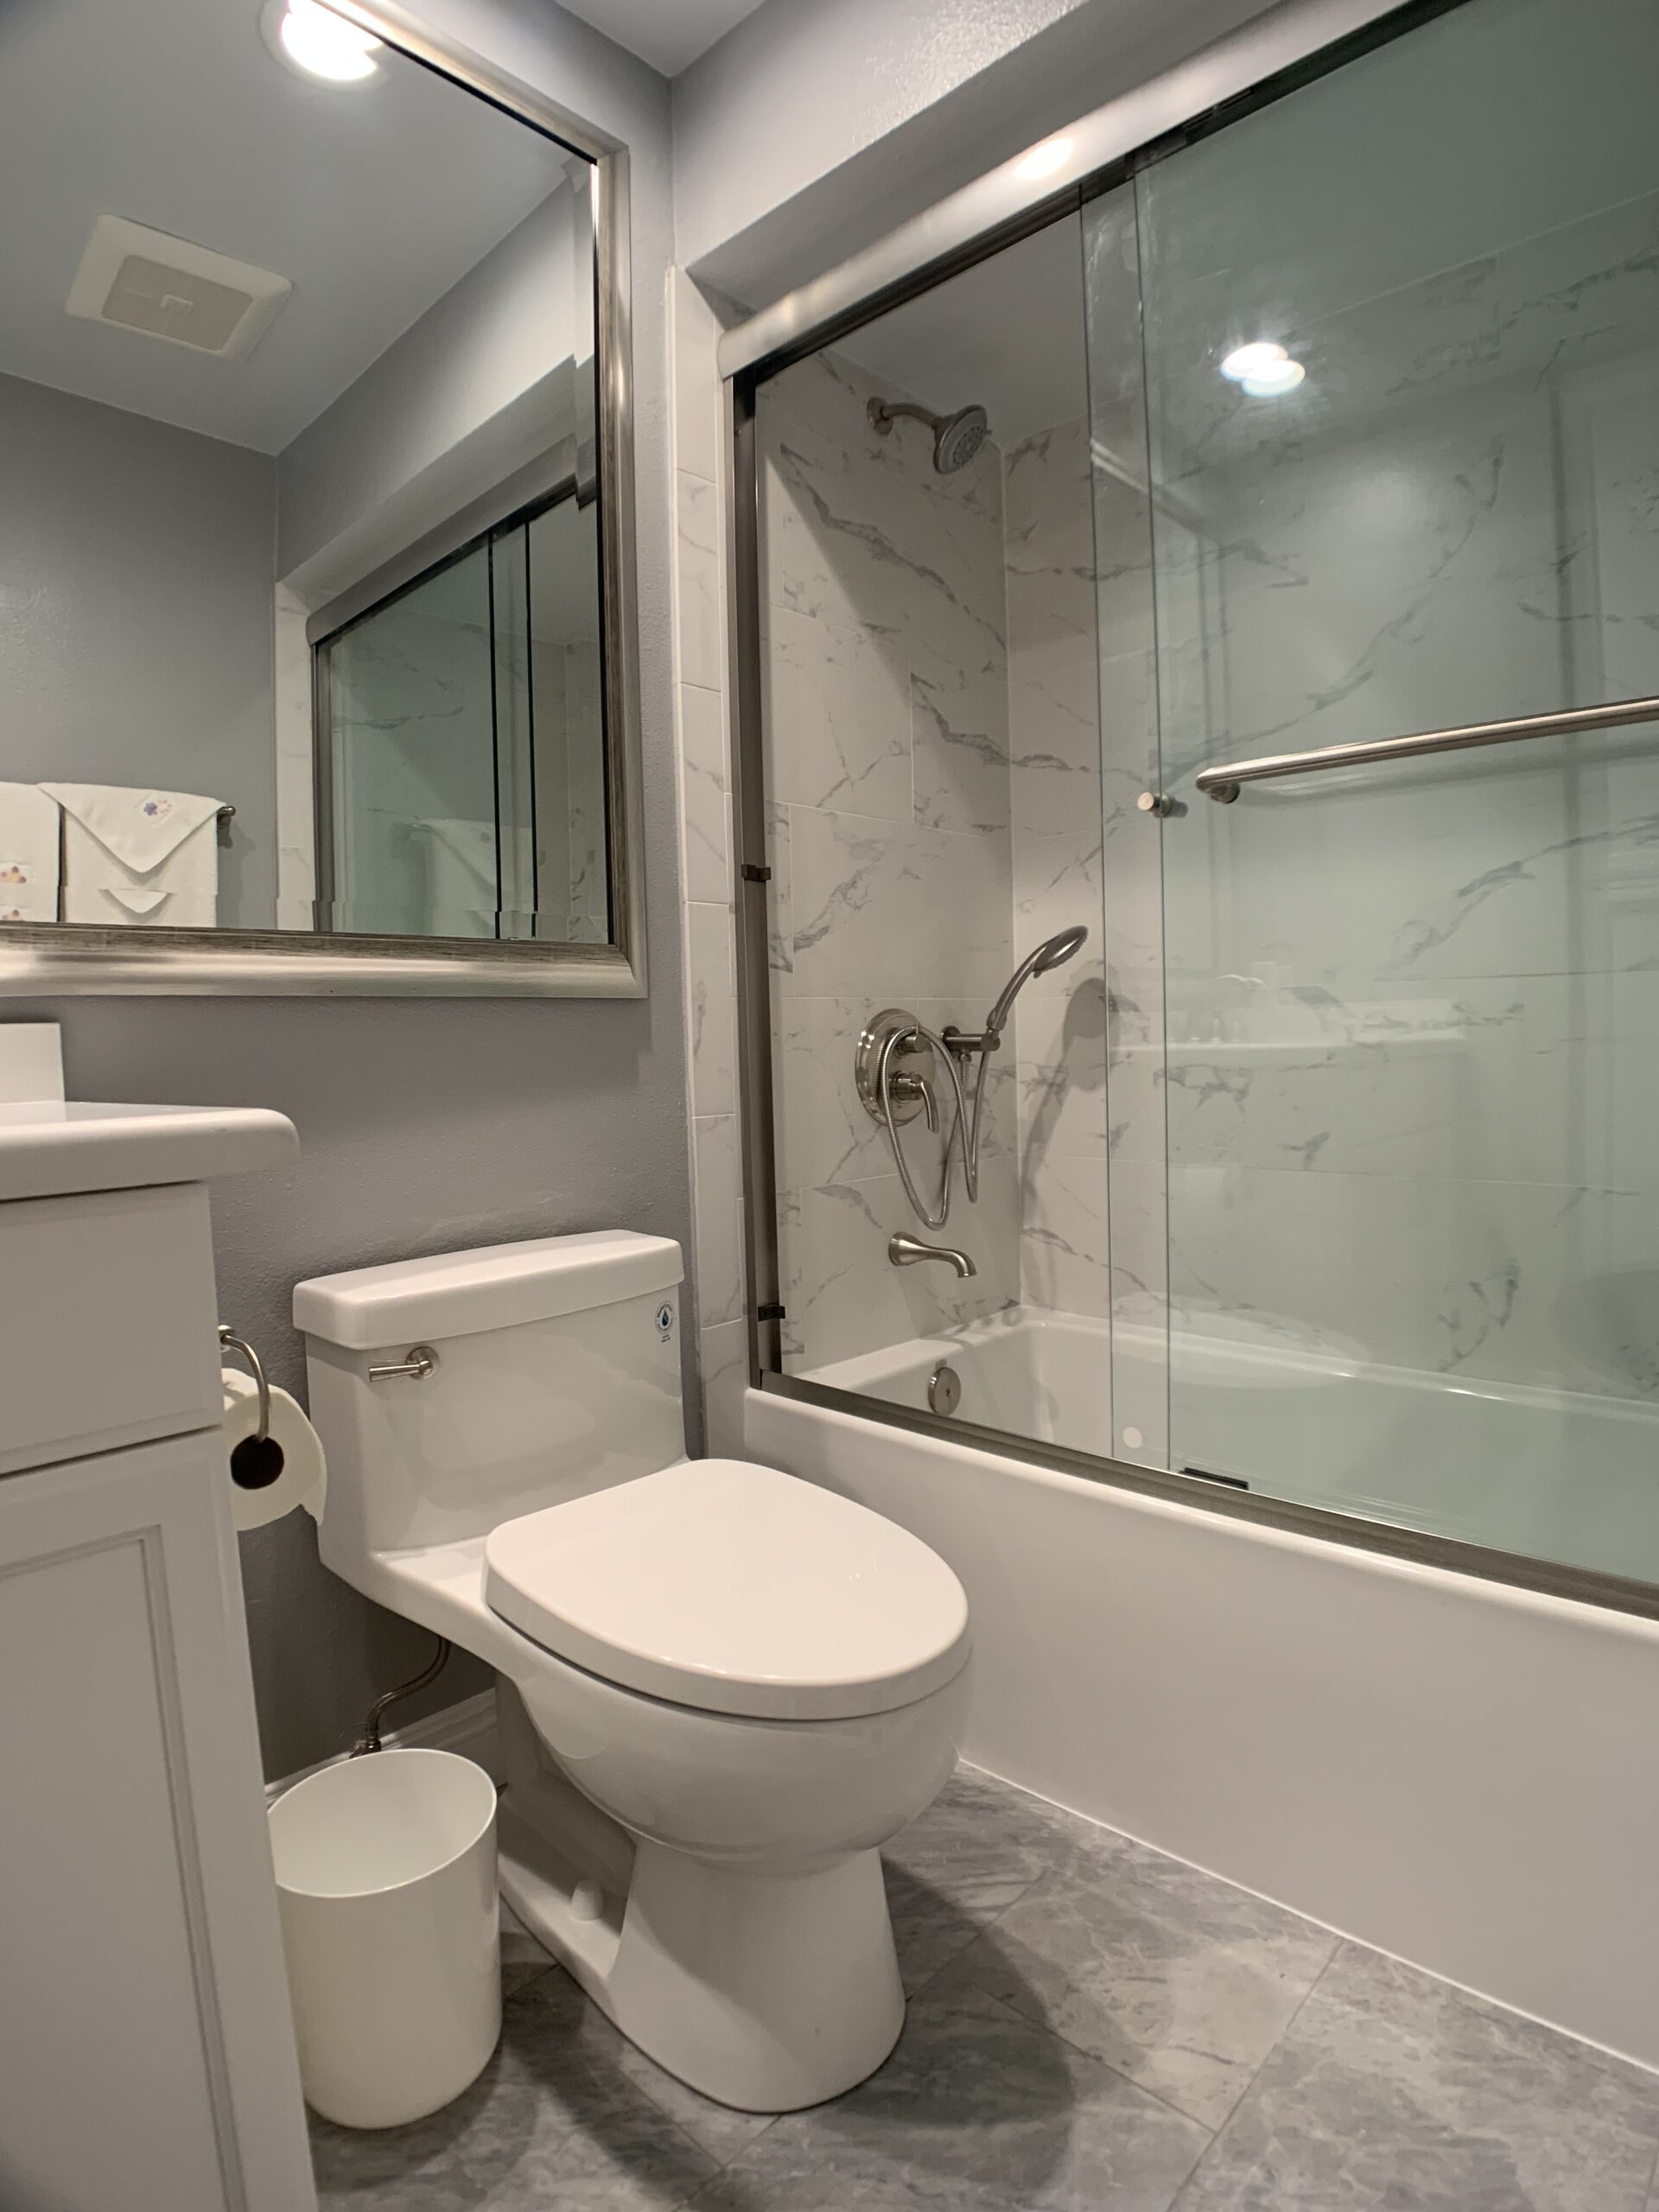 Bathroom Remodels in Westlake Village CA